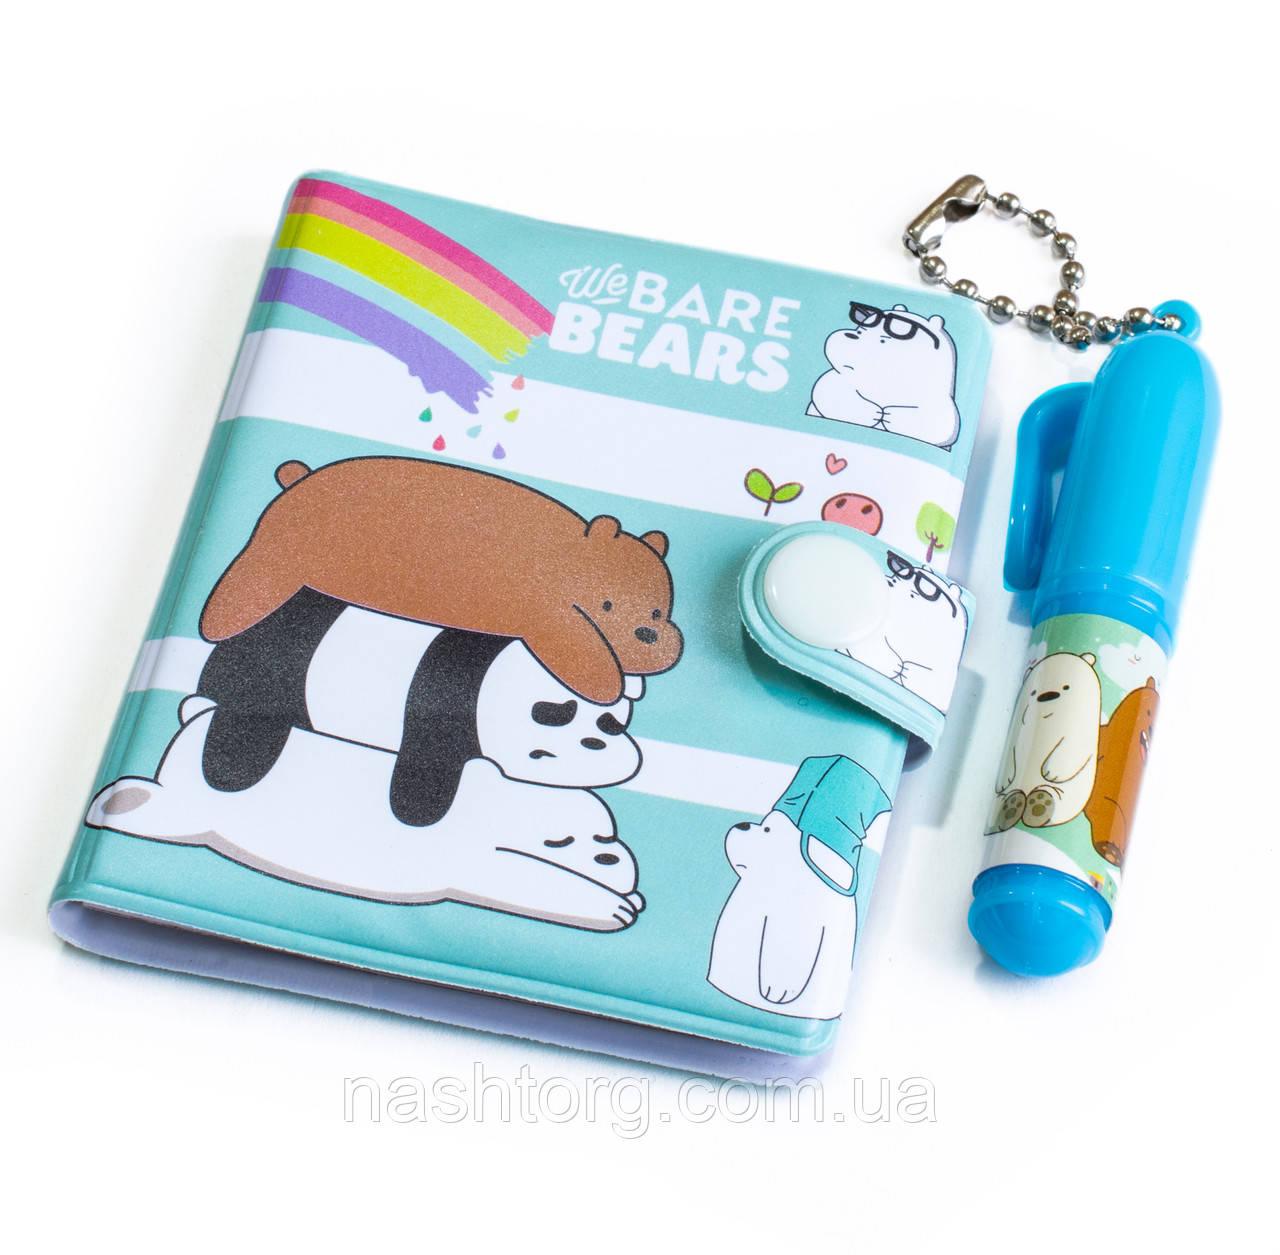 Блокнот для девочки (медведи, бирюза) детский маленький блокнотик + маленькая ручка, набор для детей